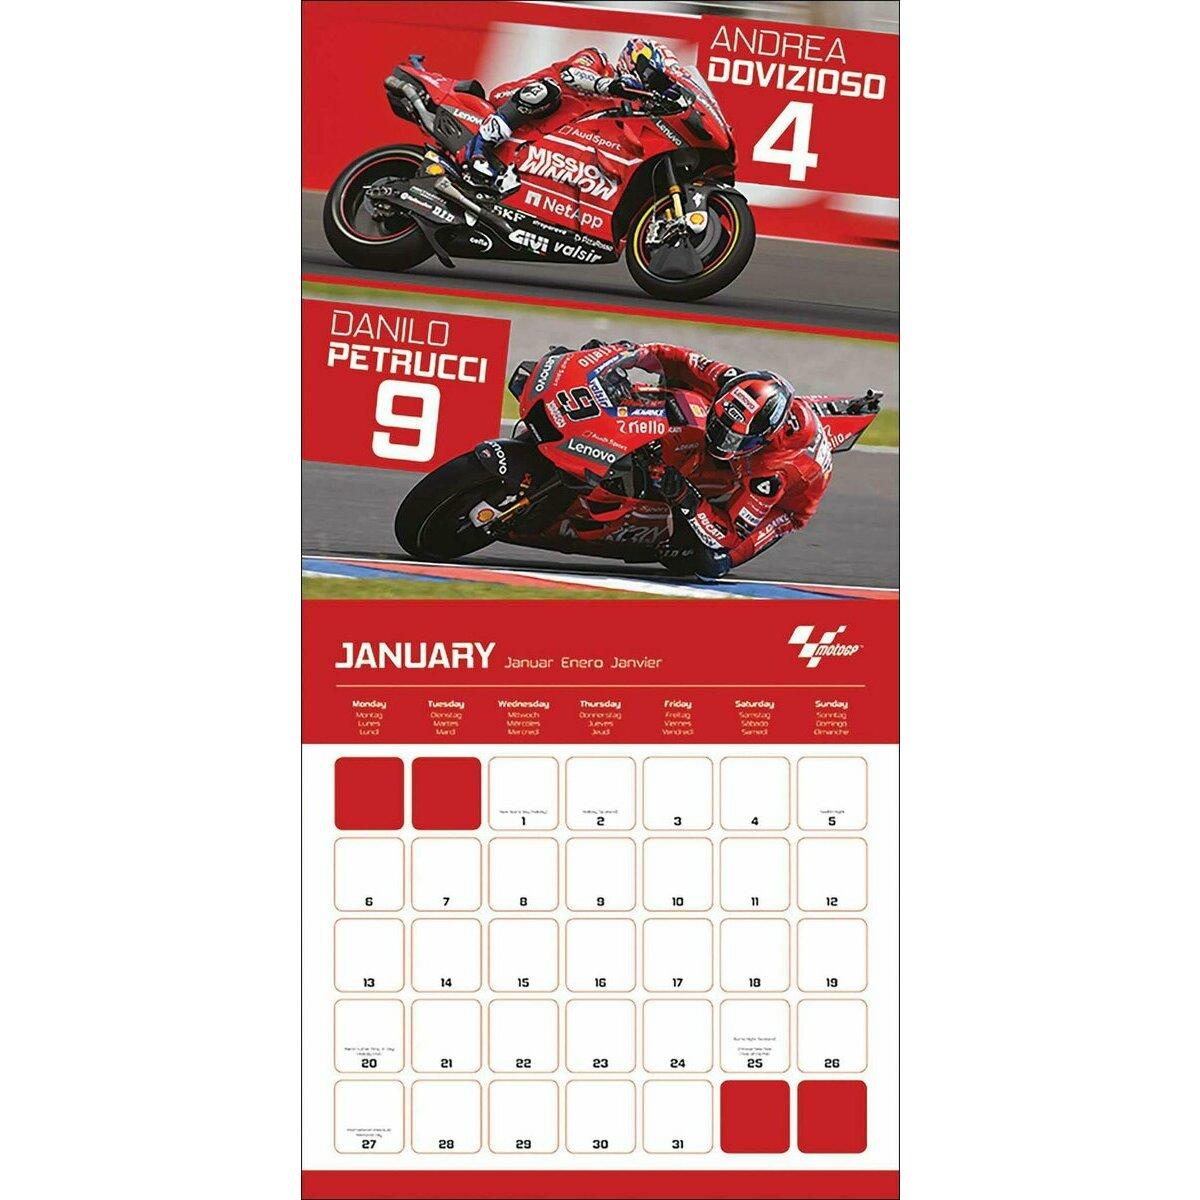 Calendrier Moto Gp 2020.Calendrier 2020 Moto Grand Prix